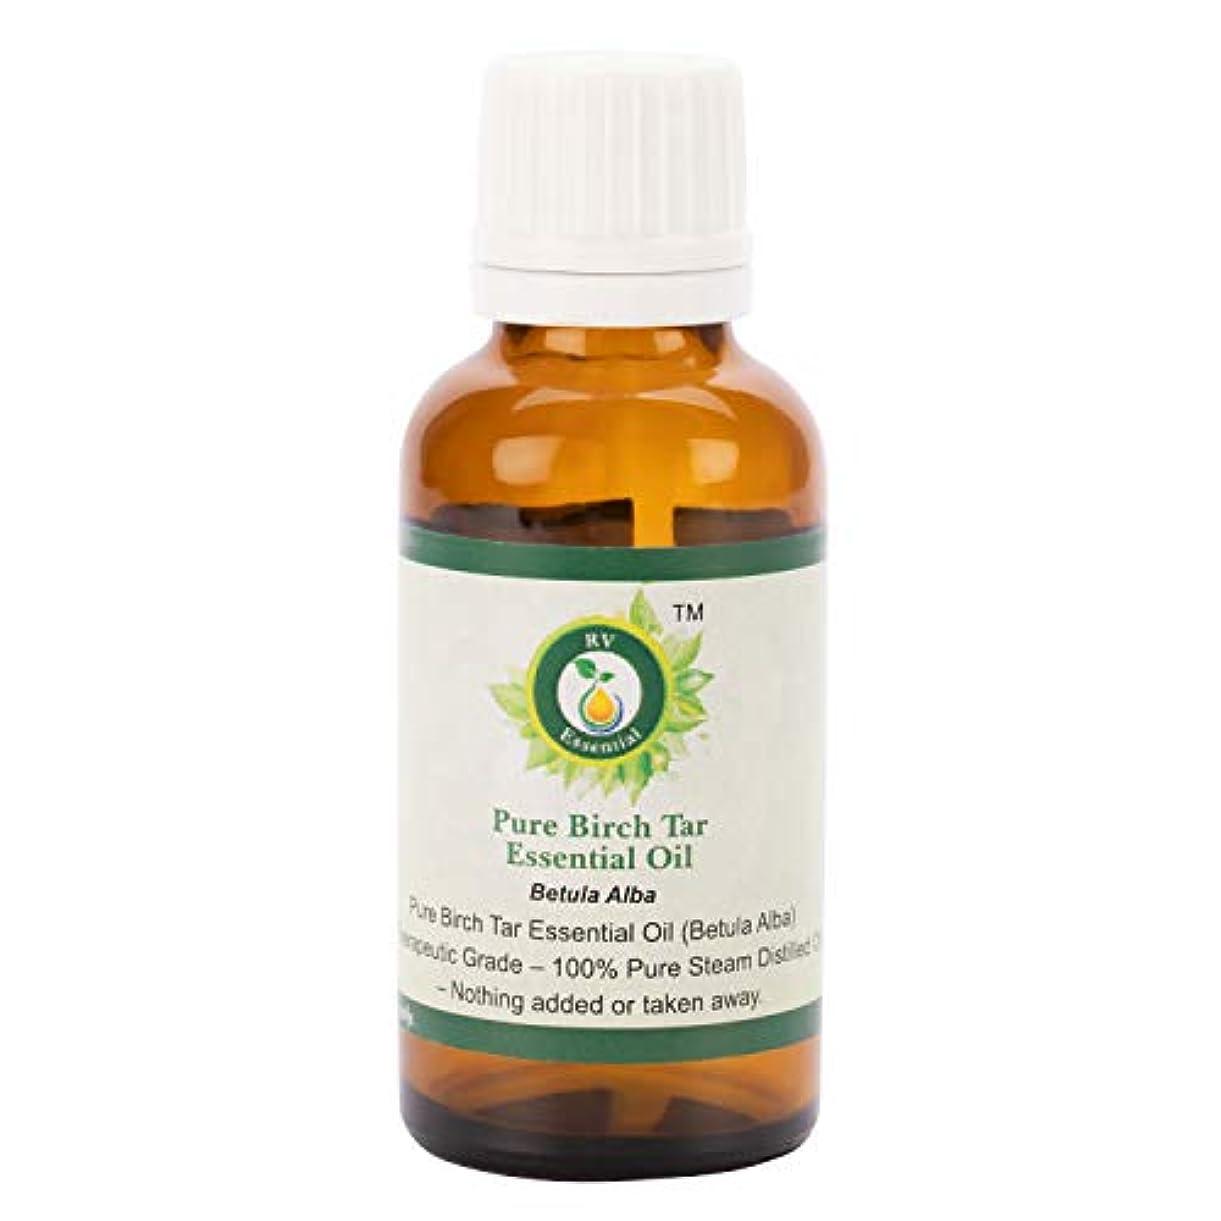 生きている食い違い勇気ピュアBirch Tarエッセンシャルオイル300ml (10oz)- Betula Alba (100%純粋&天然スチームDistilled) Pure Birch Tar Essential Oil